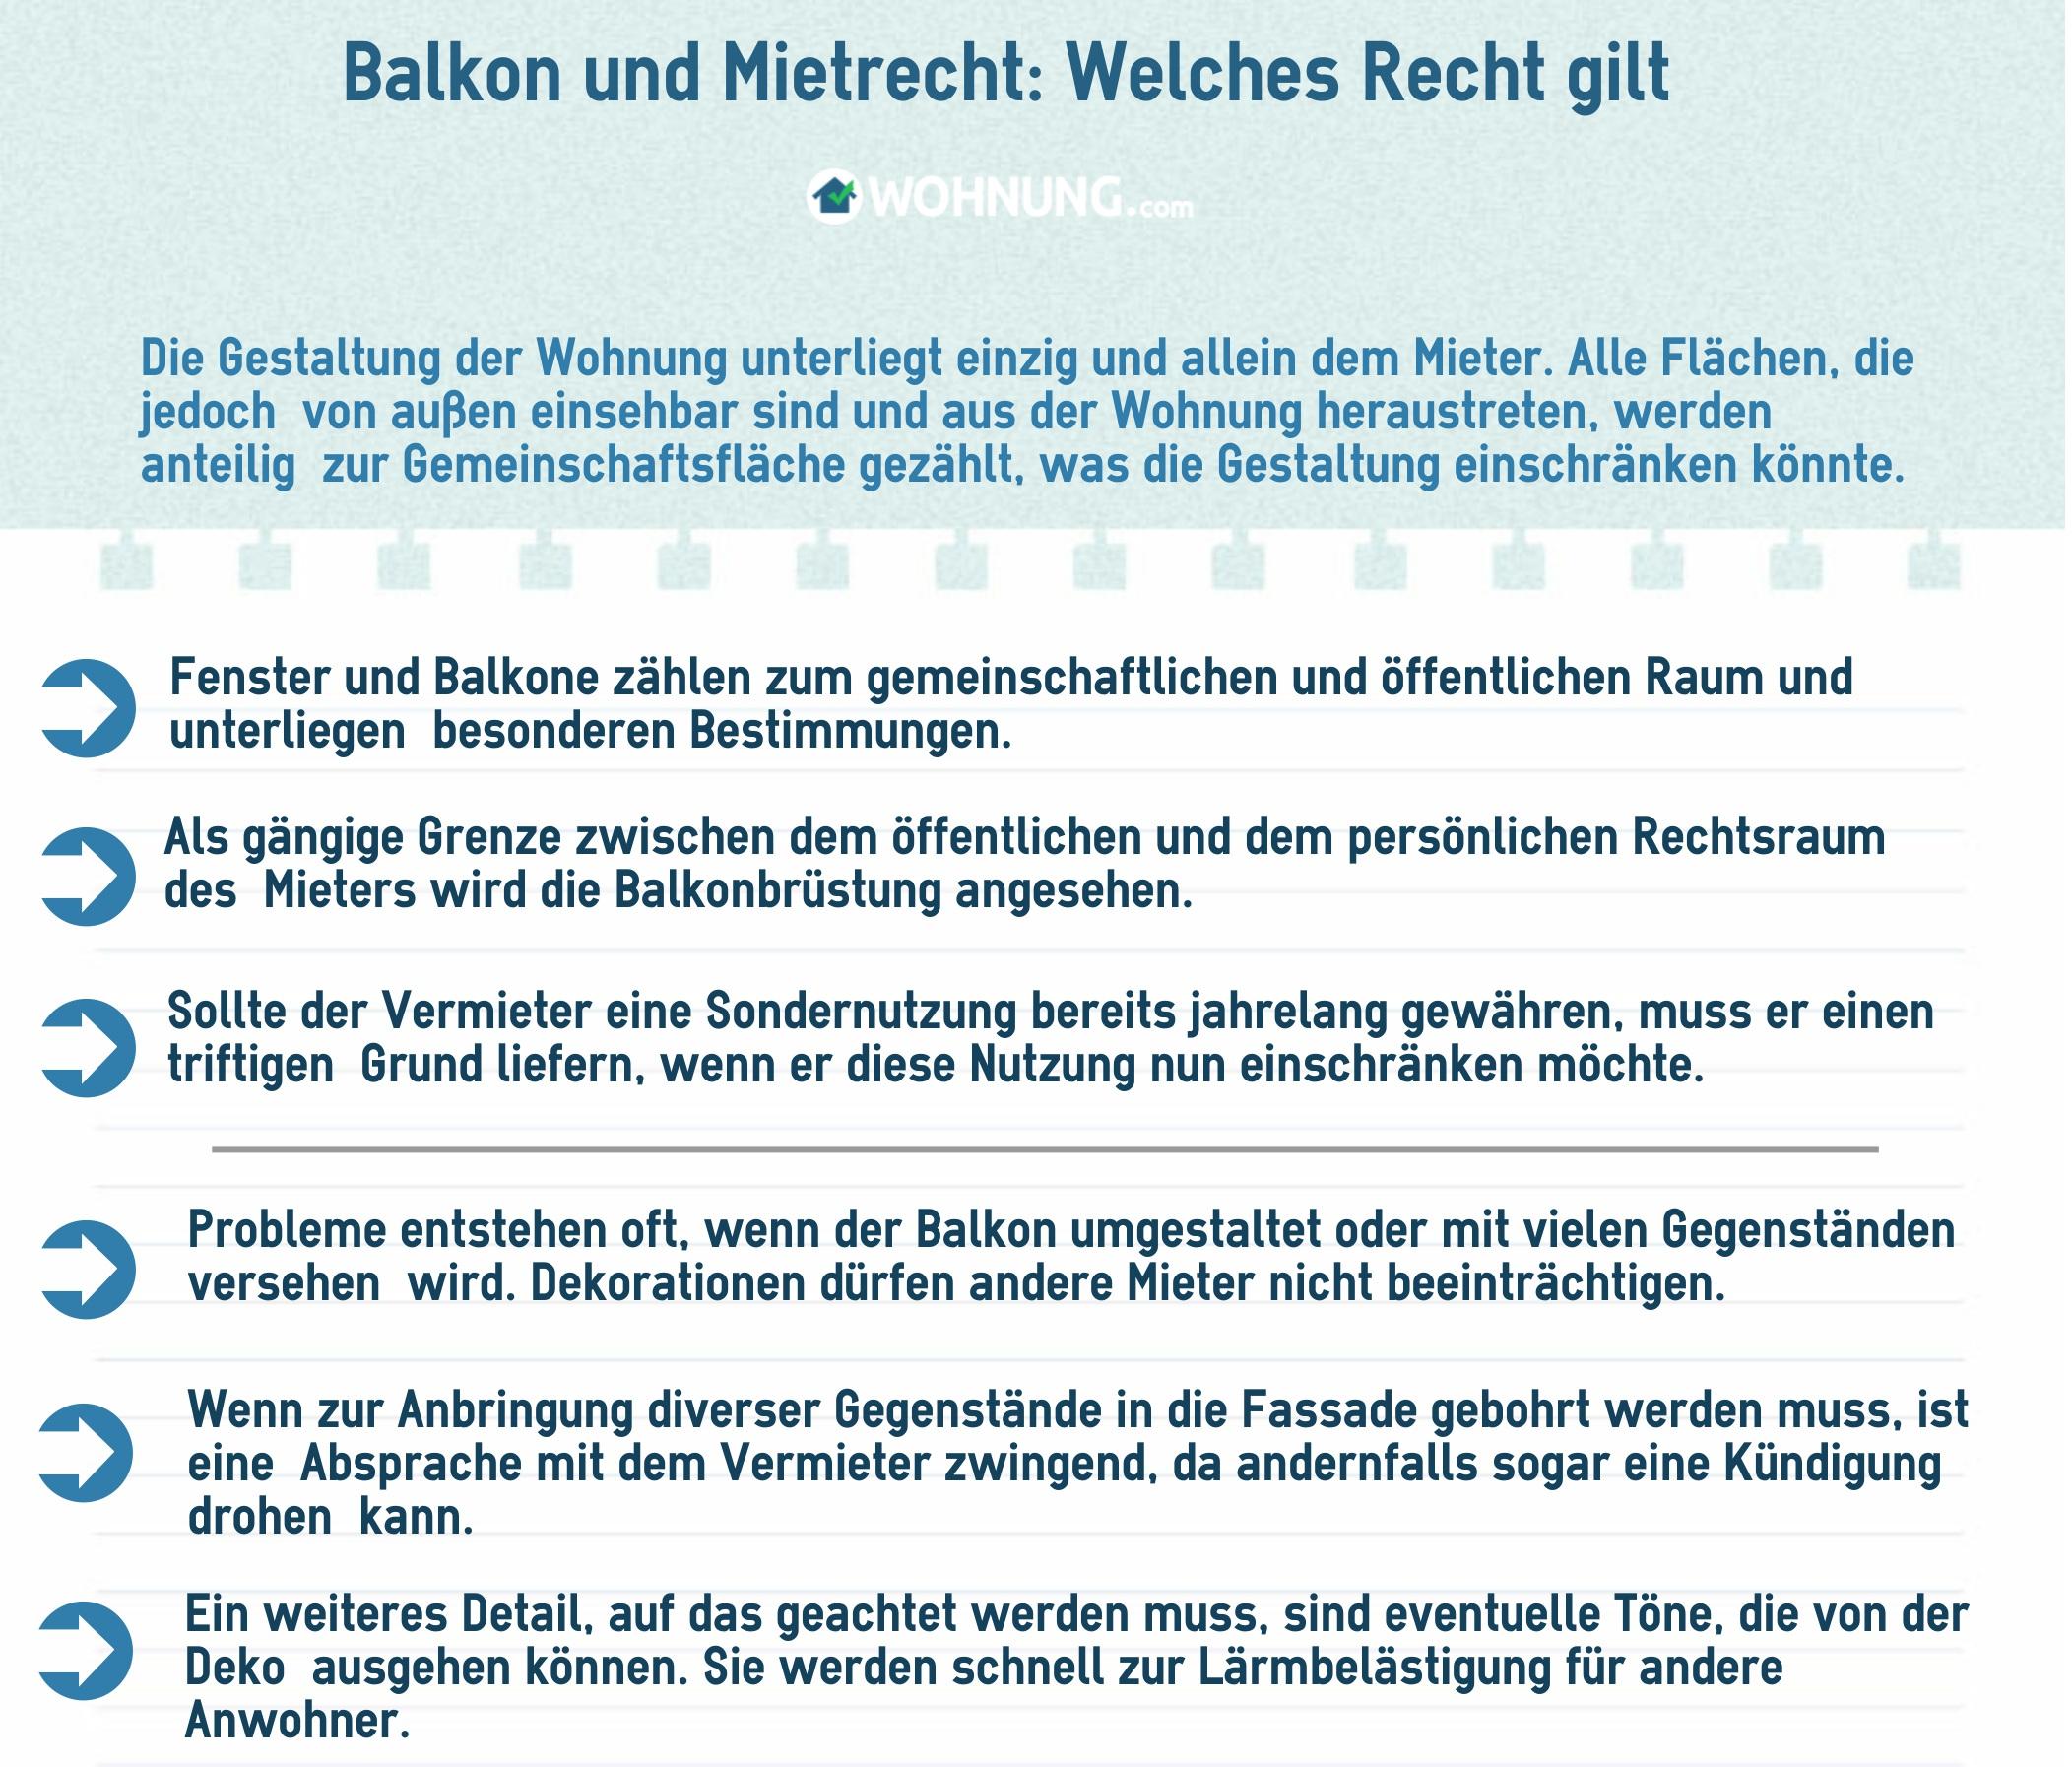 Recht: Wie darf der Balkon wirklich genutzt werden? - Wohnung.com ...